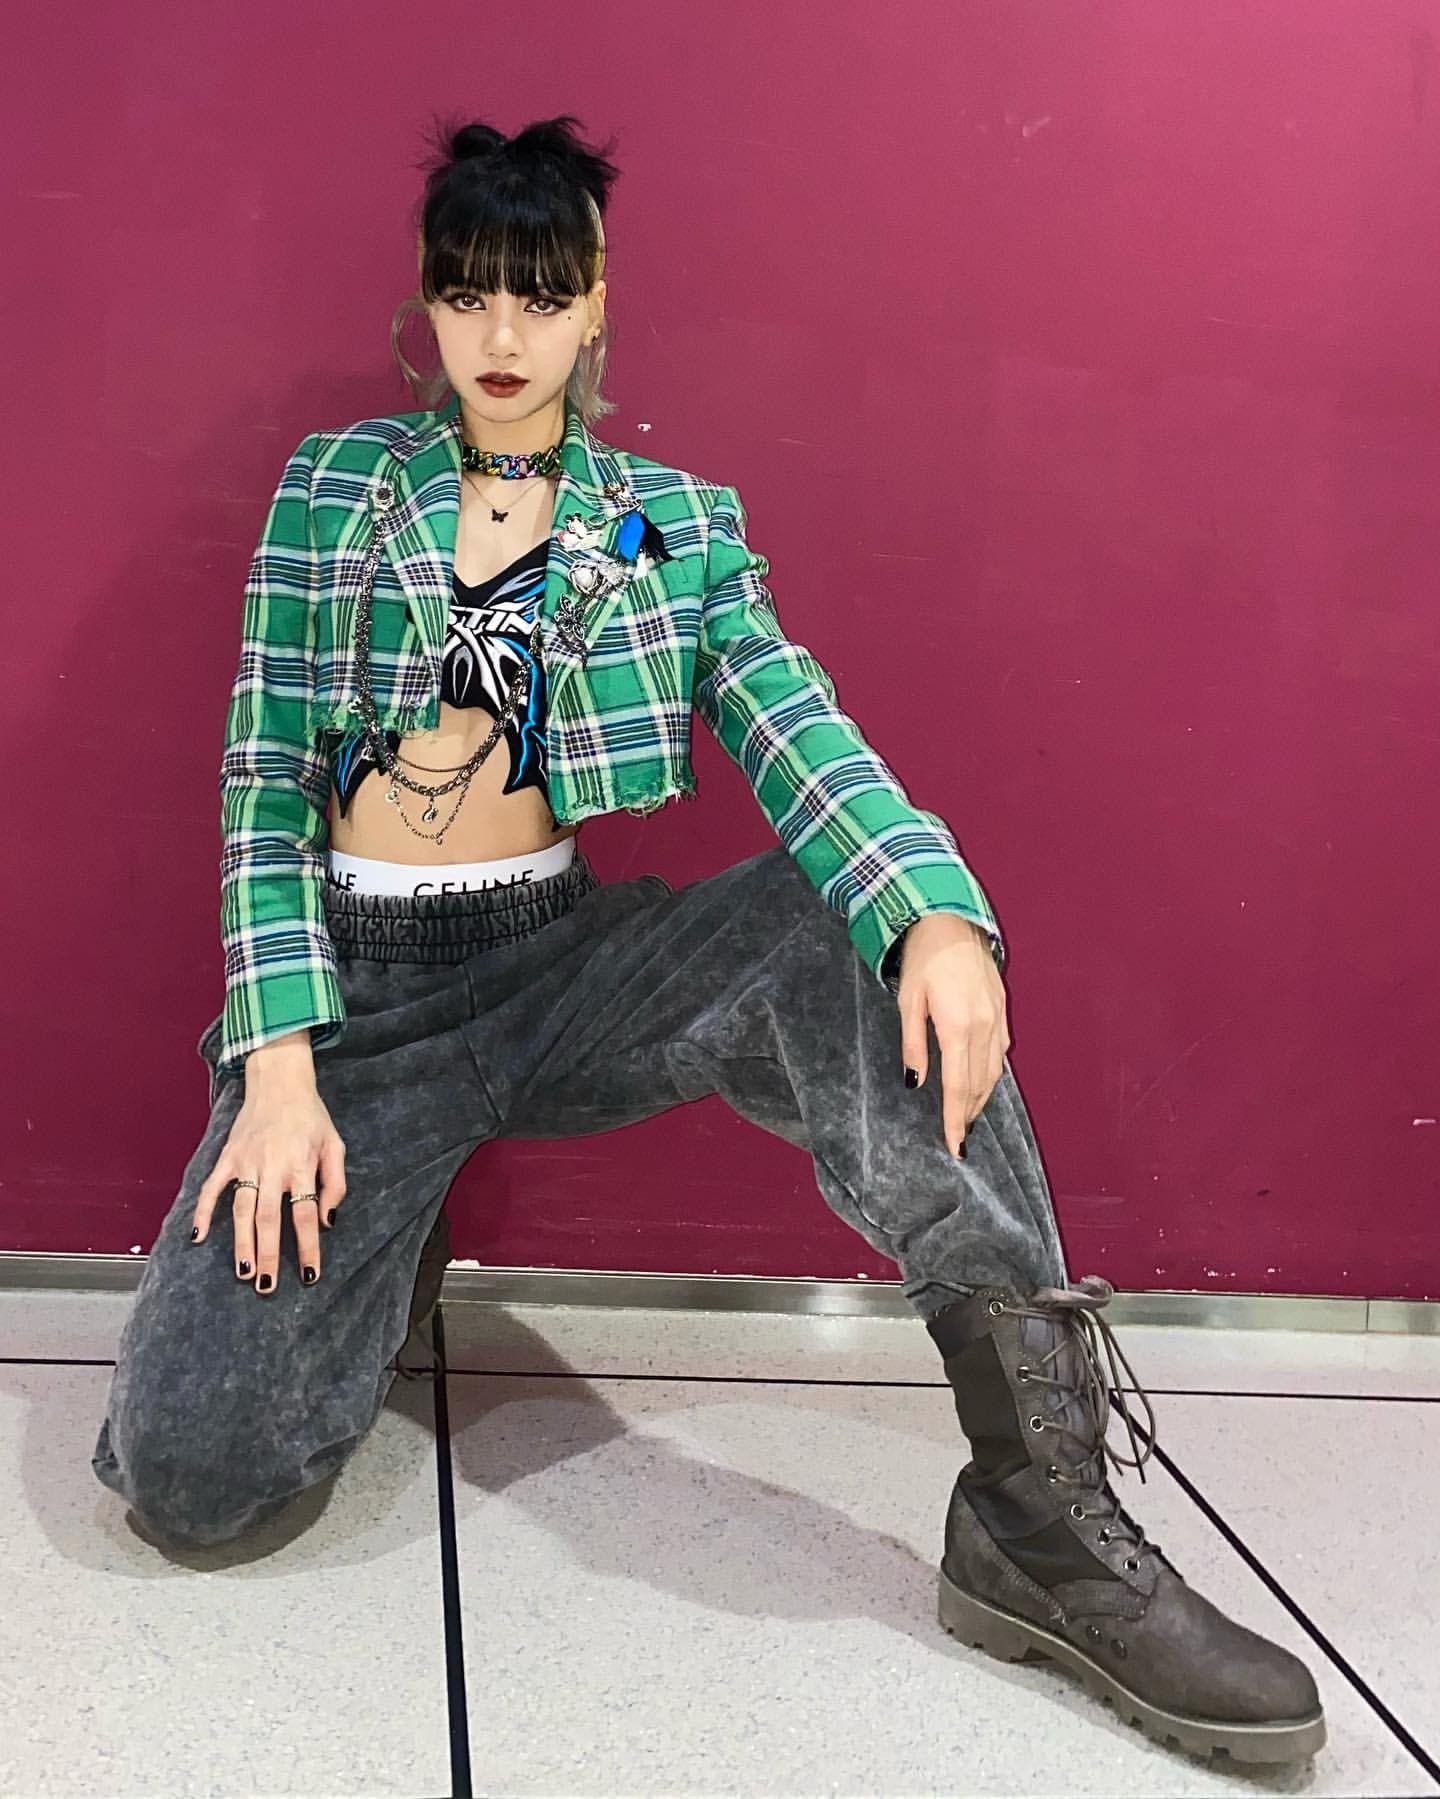 Ngọc Trinh diện chung áo với Lisa (BLACKPINK): Style khác biệt, đẳng cấp cũng cách biệt rõ ràng - Ảnh 5.